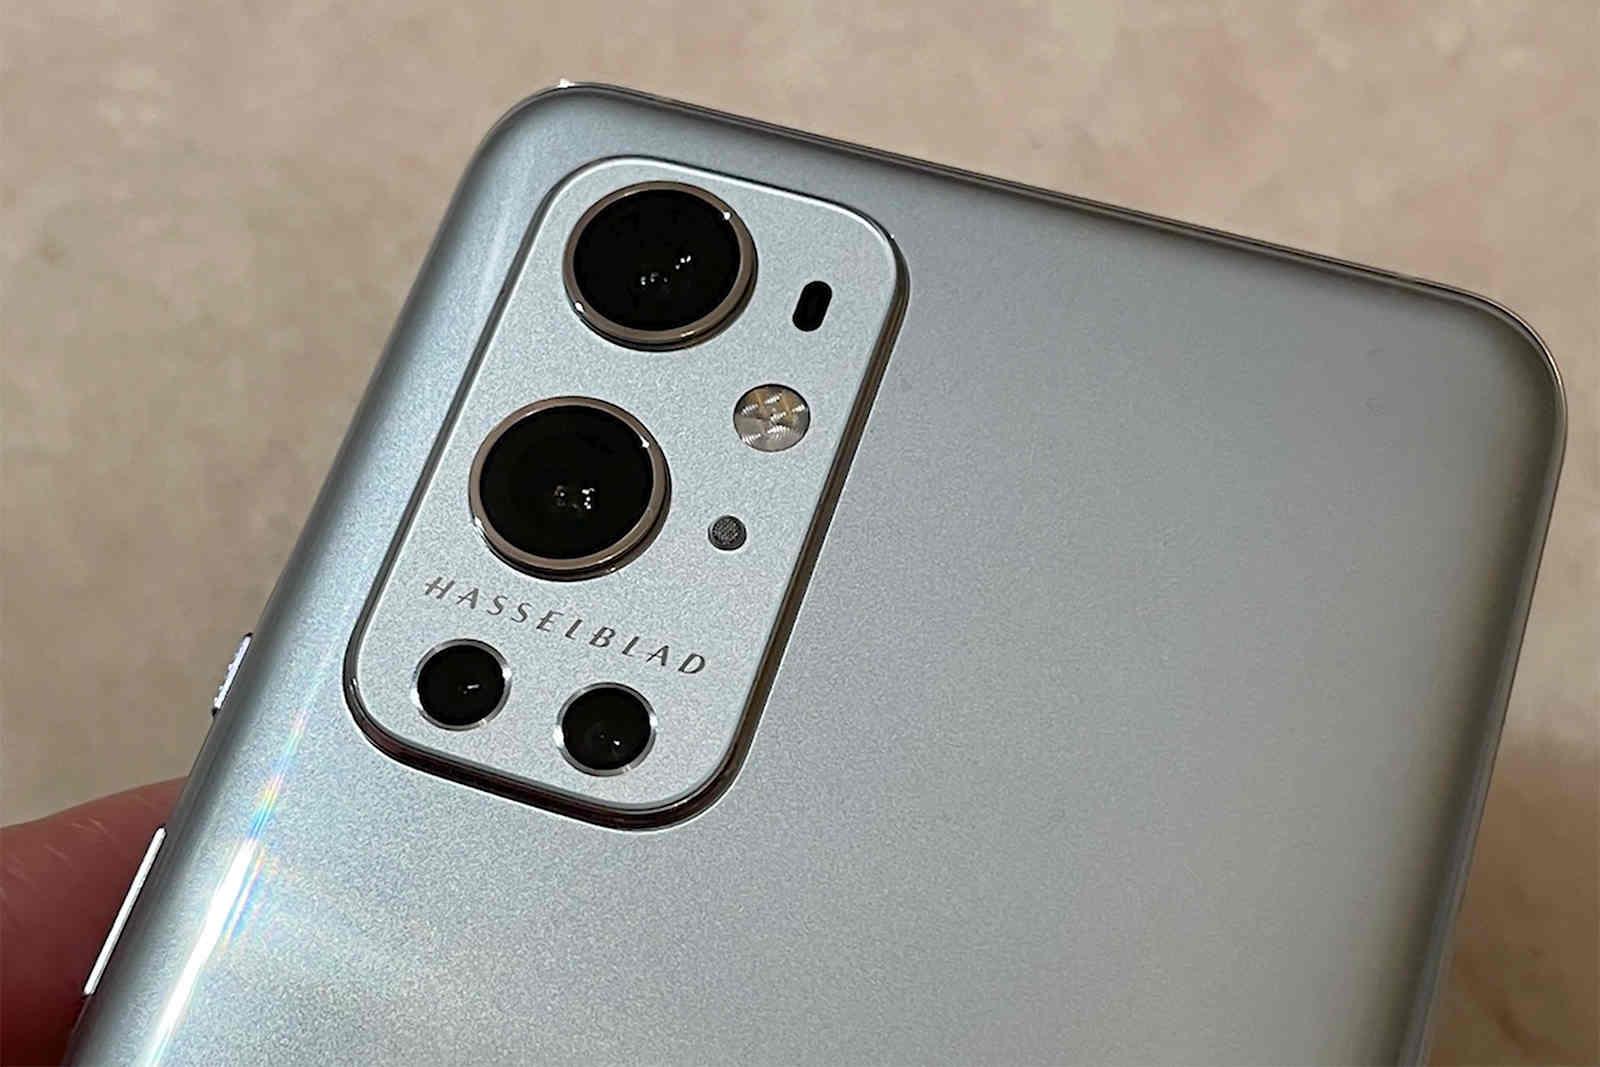 Đừng bị lóa mắt bởi nhãn hiệu Leica, Hasselblad... trên điện thoại Trung Quốc